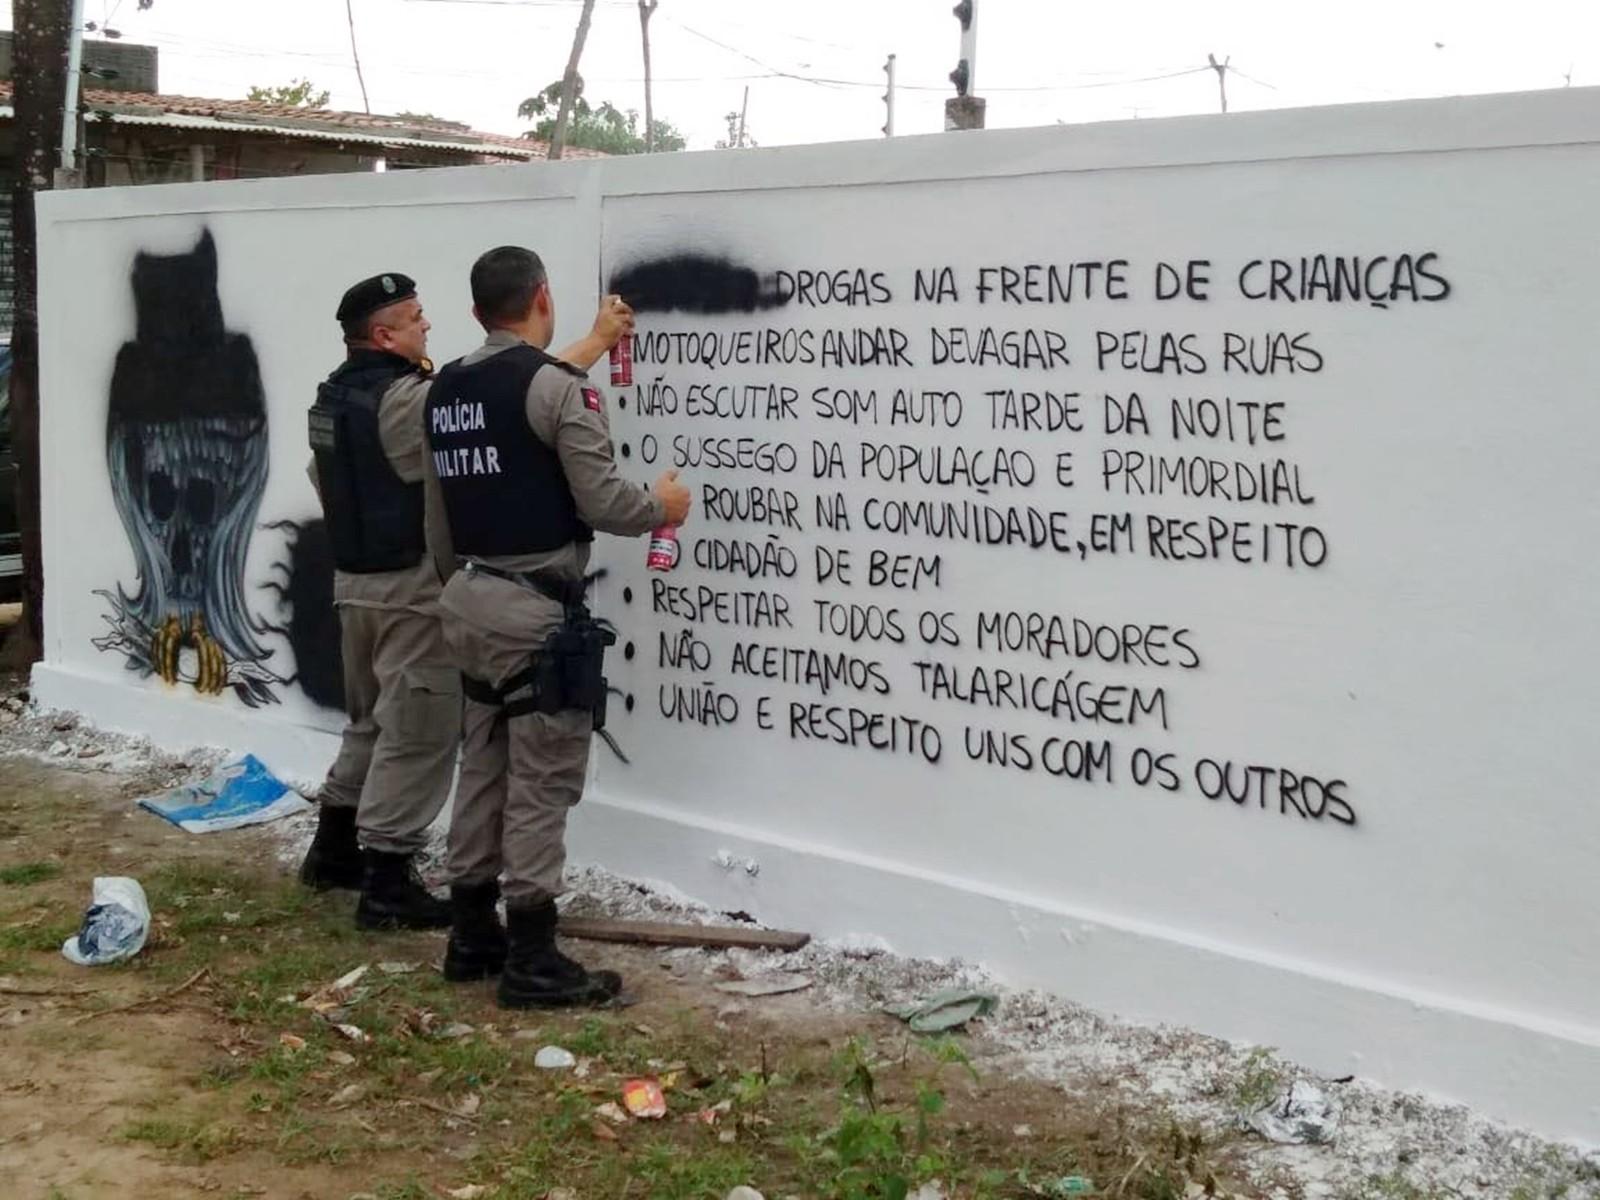 PM acha 'código de ética' de facção pintado em muros de comunidades de João Pessoa - Radio Evangelho Gospel